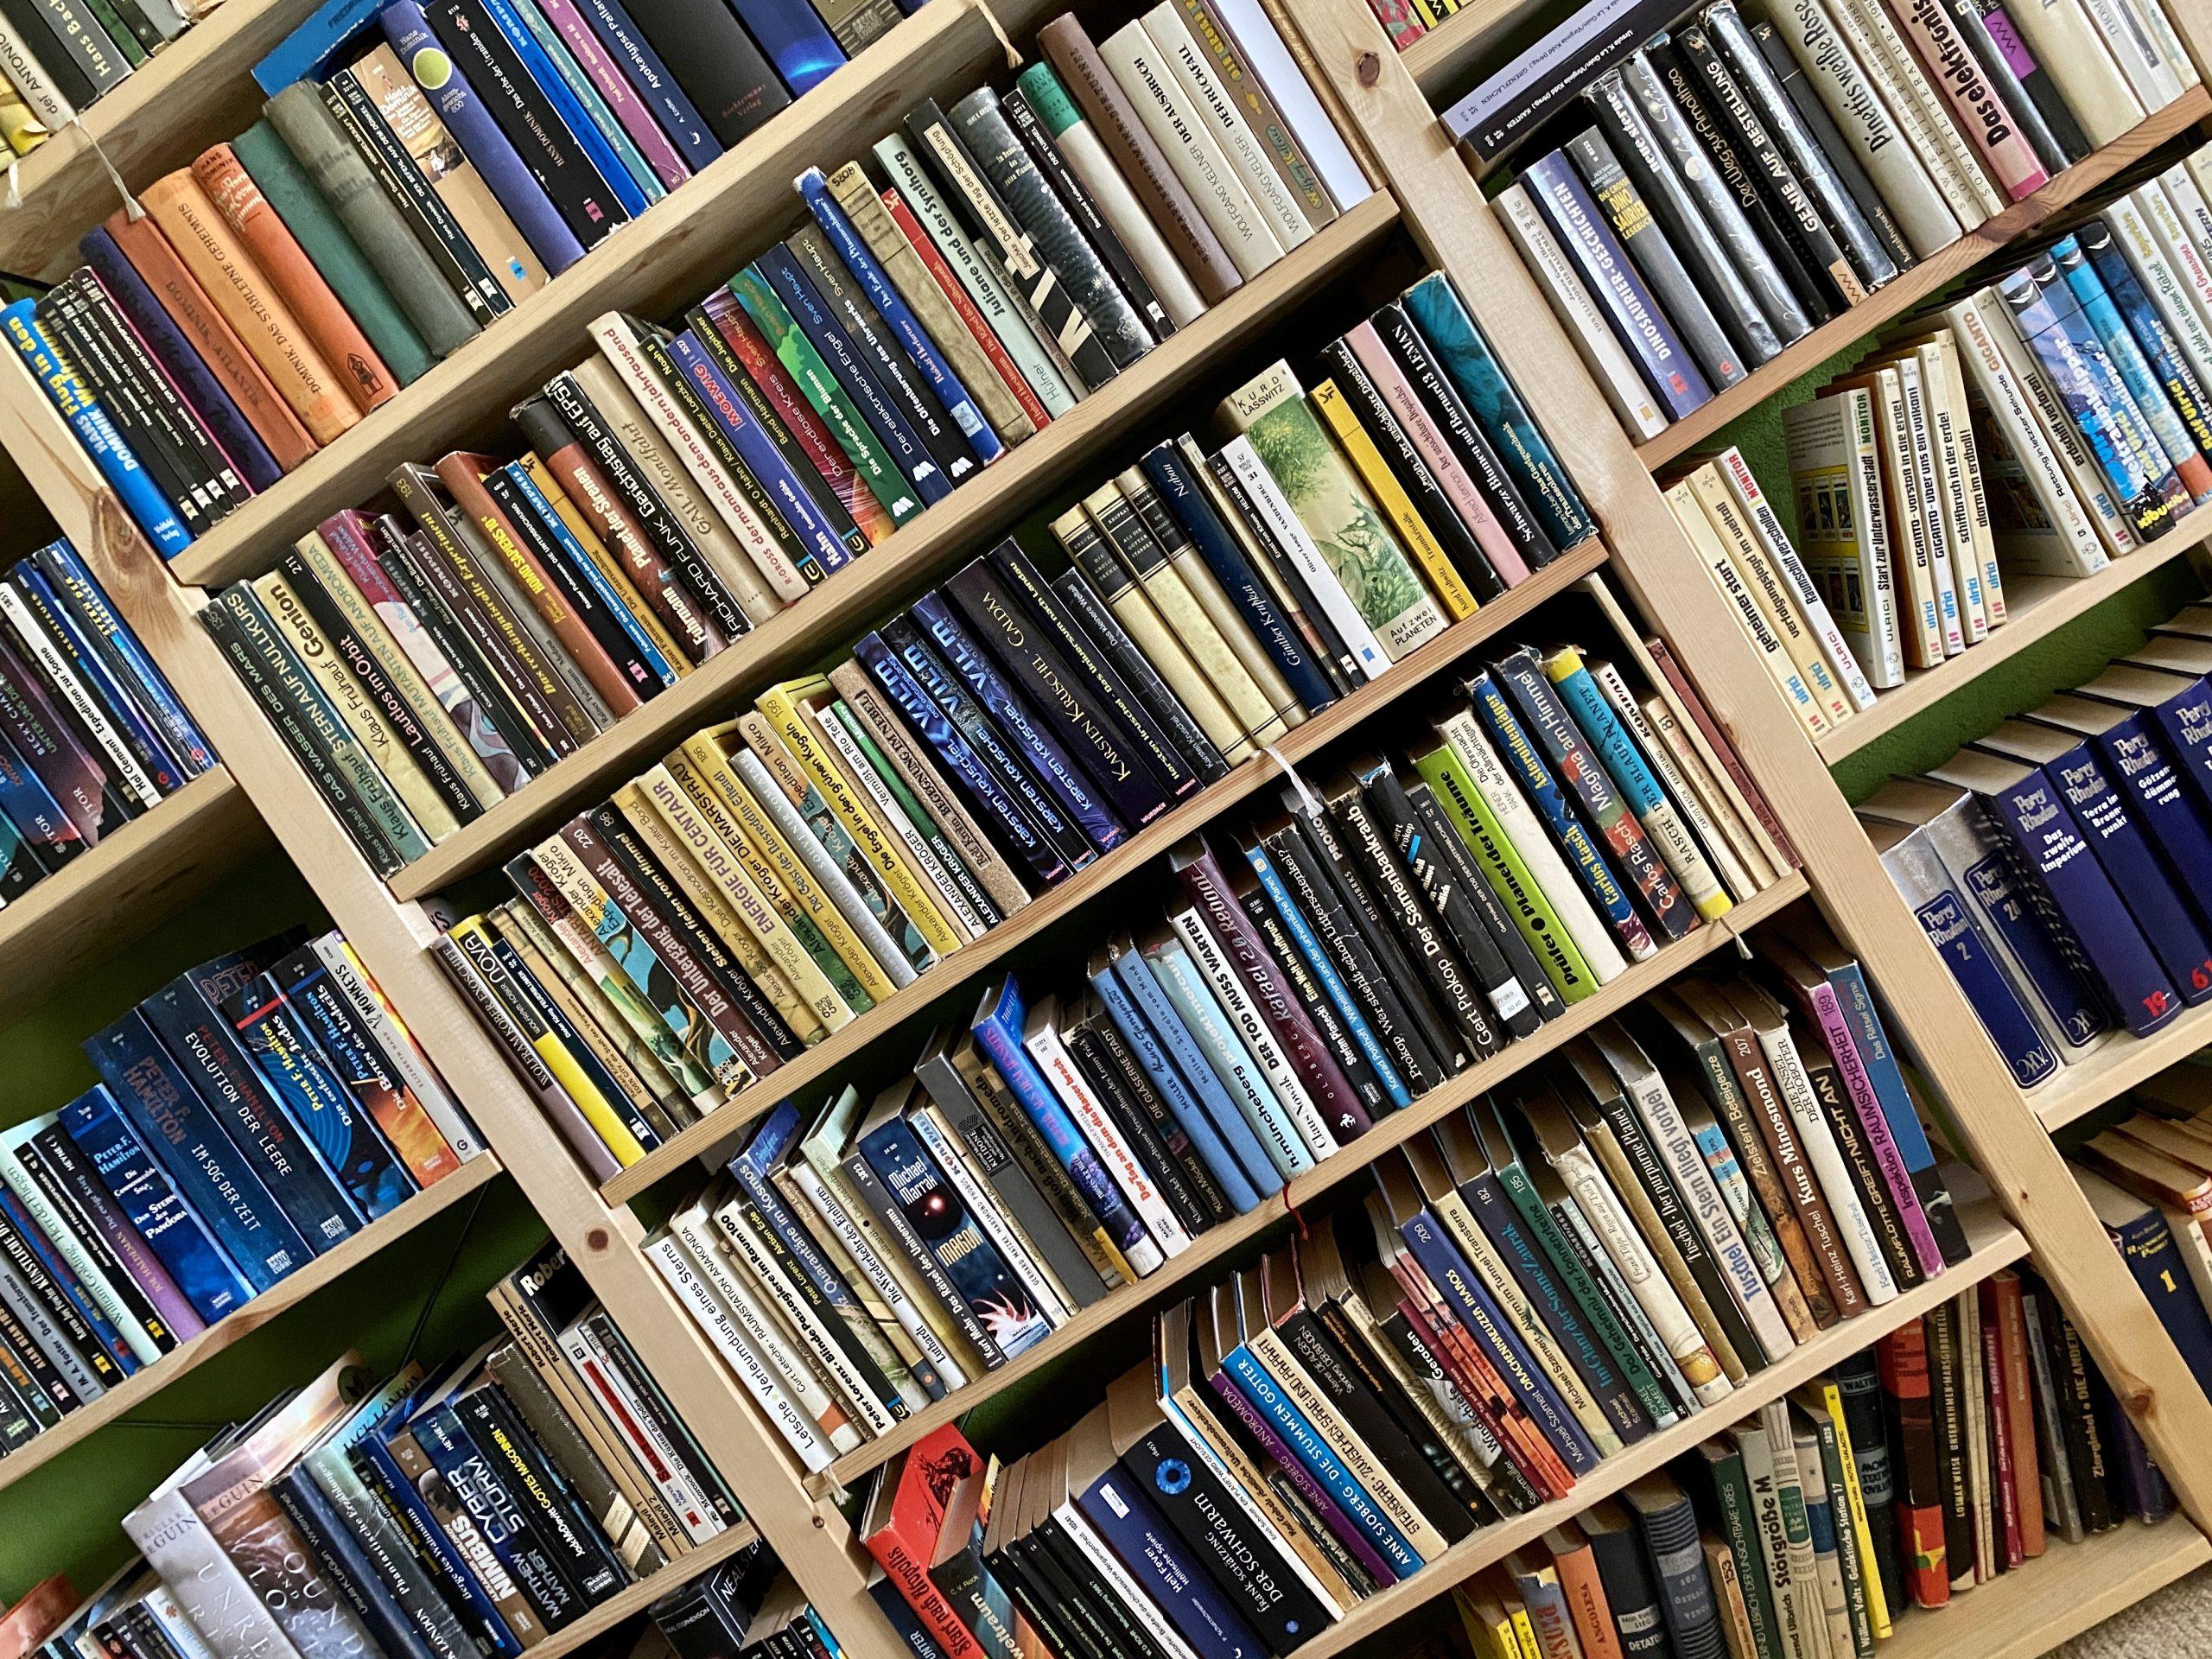 Reihenfolge ins Bücherchaos? Das geht jetzt online